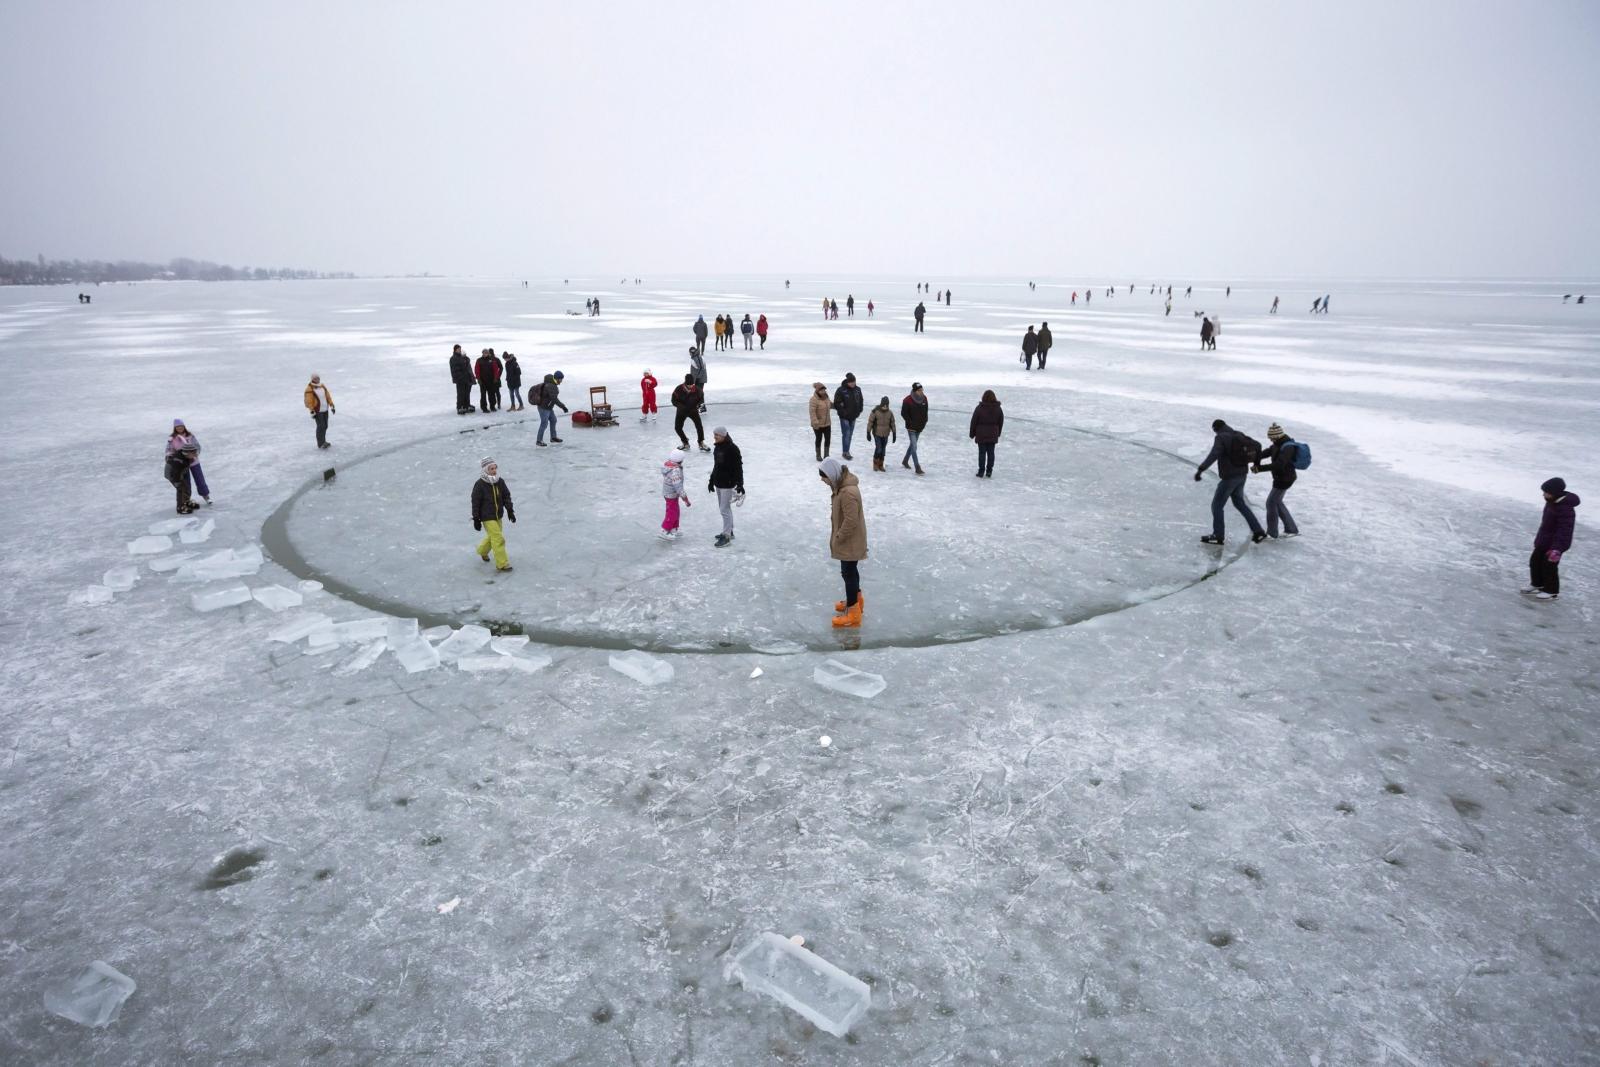 Ludzie bawią się na lodowej karuzeli na jeziorze Balaton w Balatonlelle, 140 km na północny-zachód od Budapesztu.